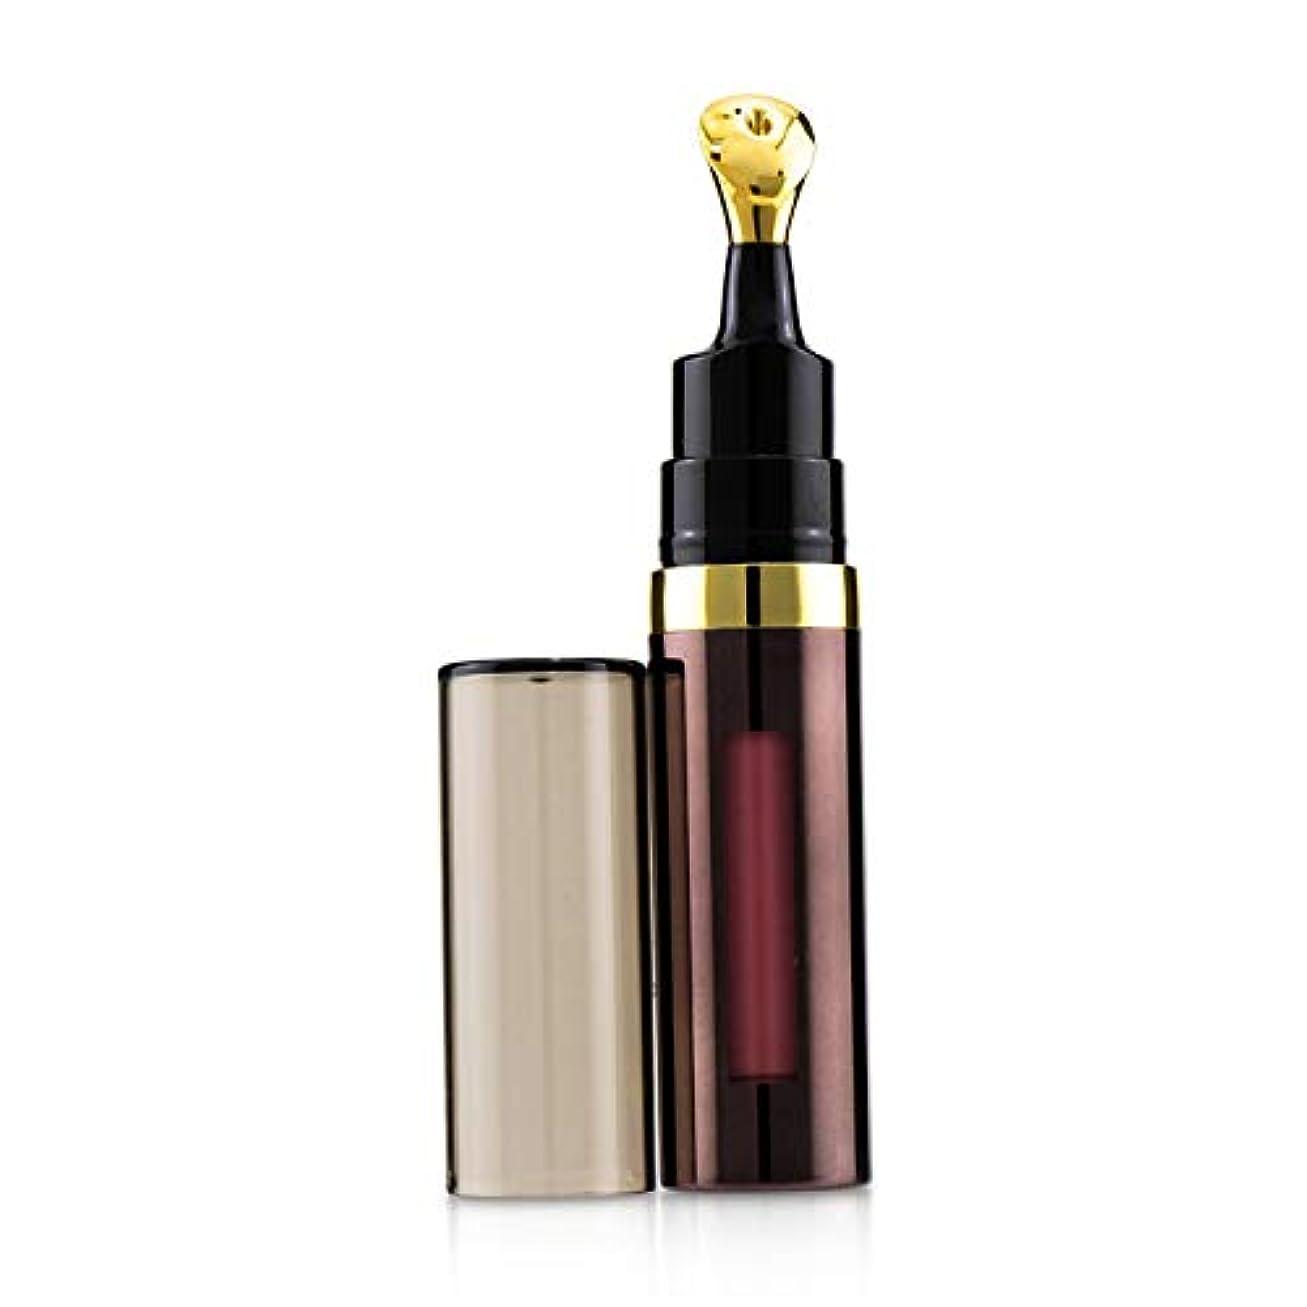 アワーグラス No.28 Lip Treatment Oil - # Cameo (Neutral Rose) 7.5ml/0.25oz並行輸入品